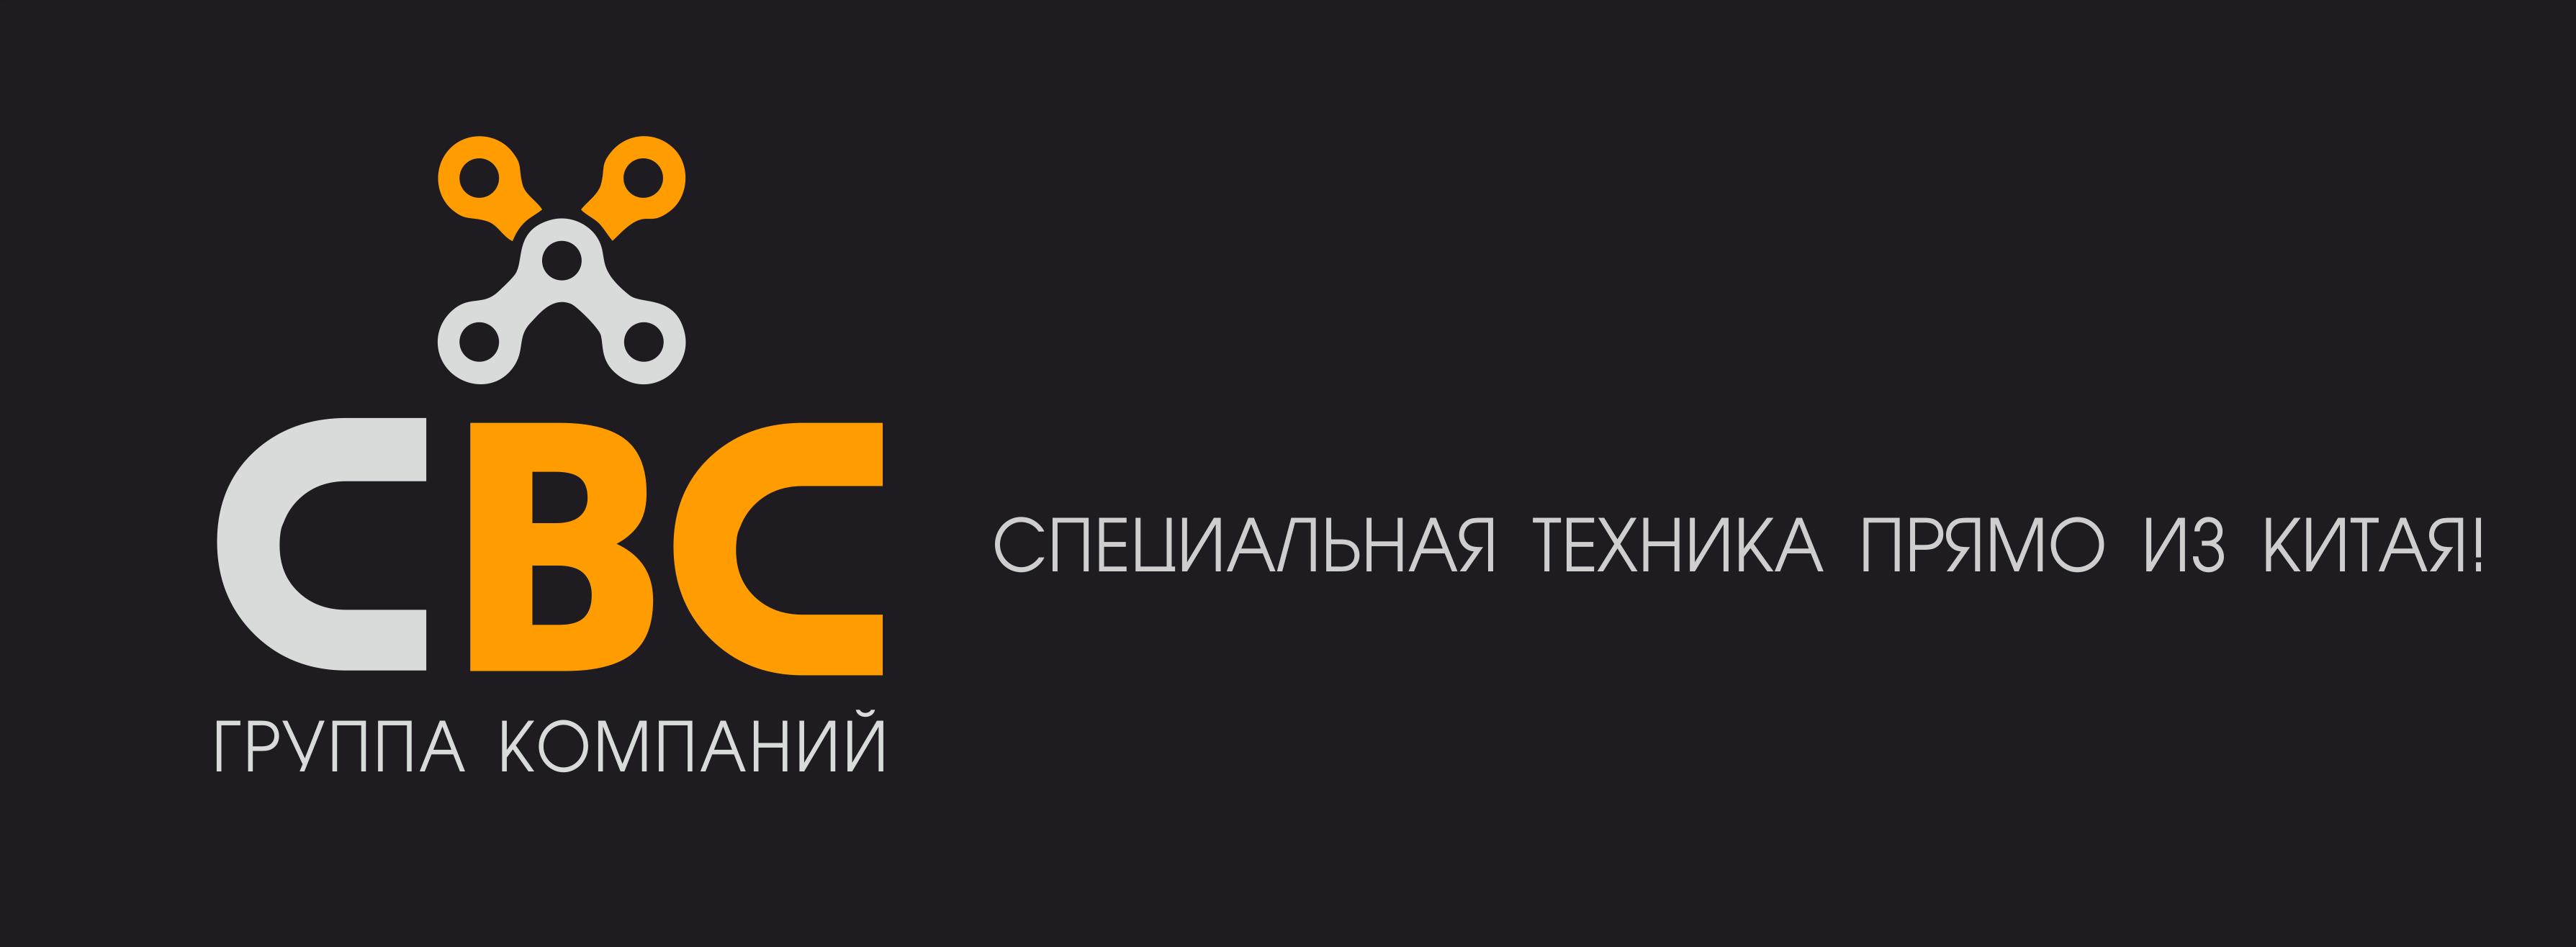 Логотип +  слоган фото f_939545911e5e455a.png